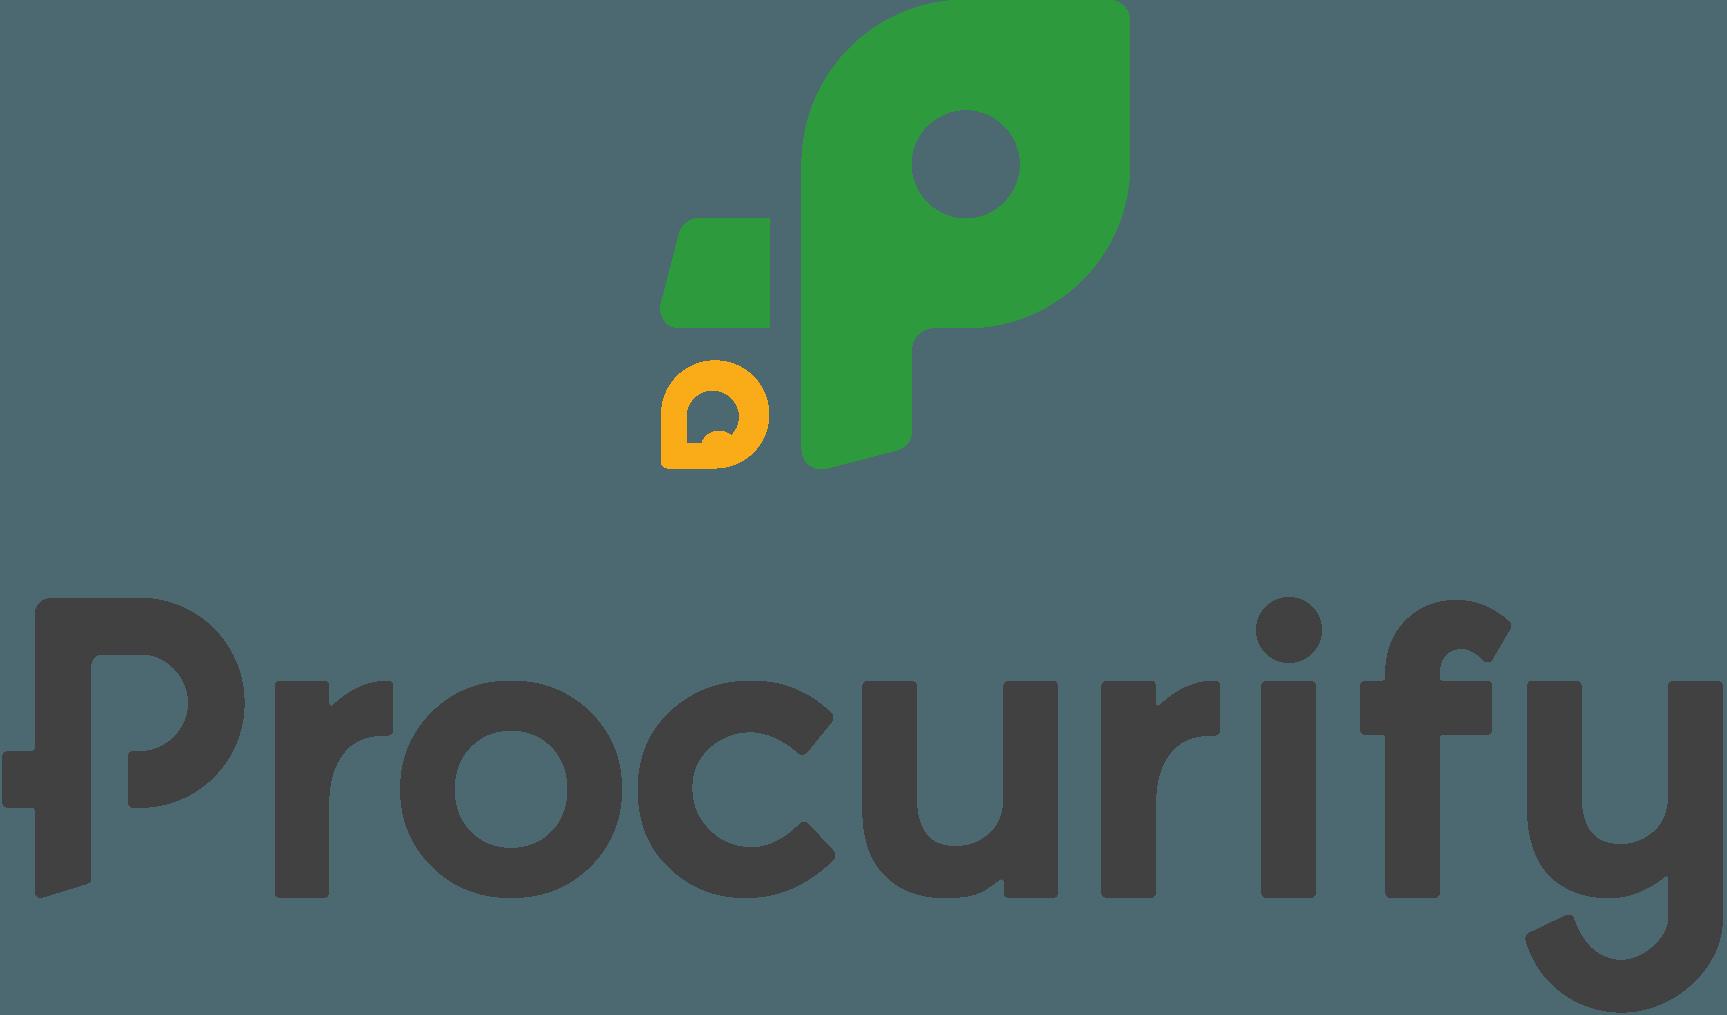 procurify-logo